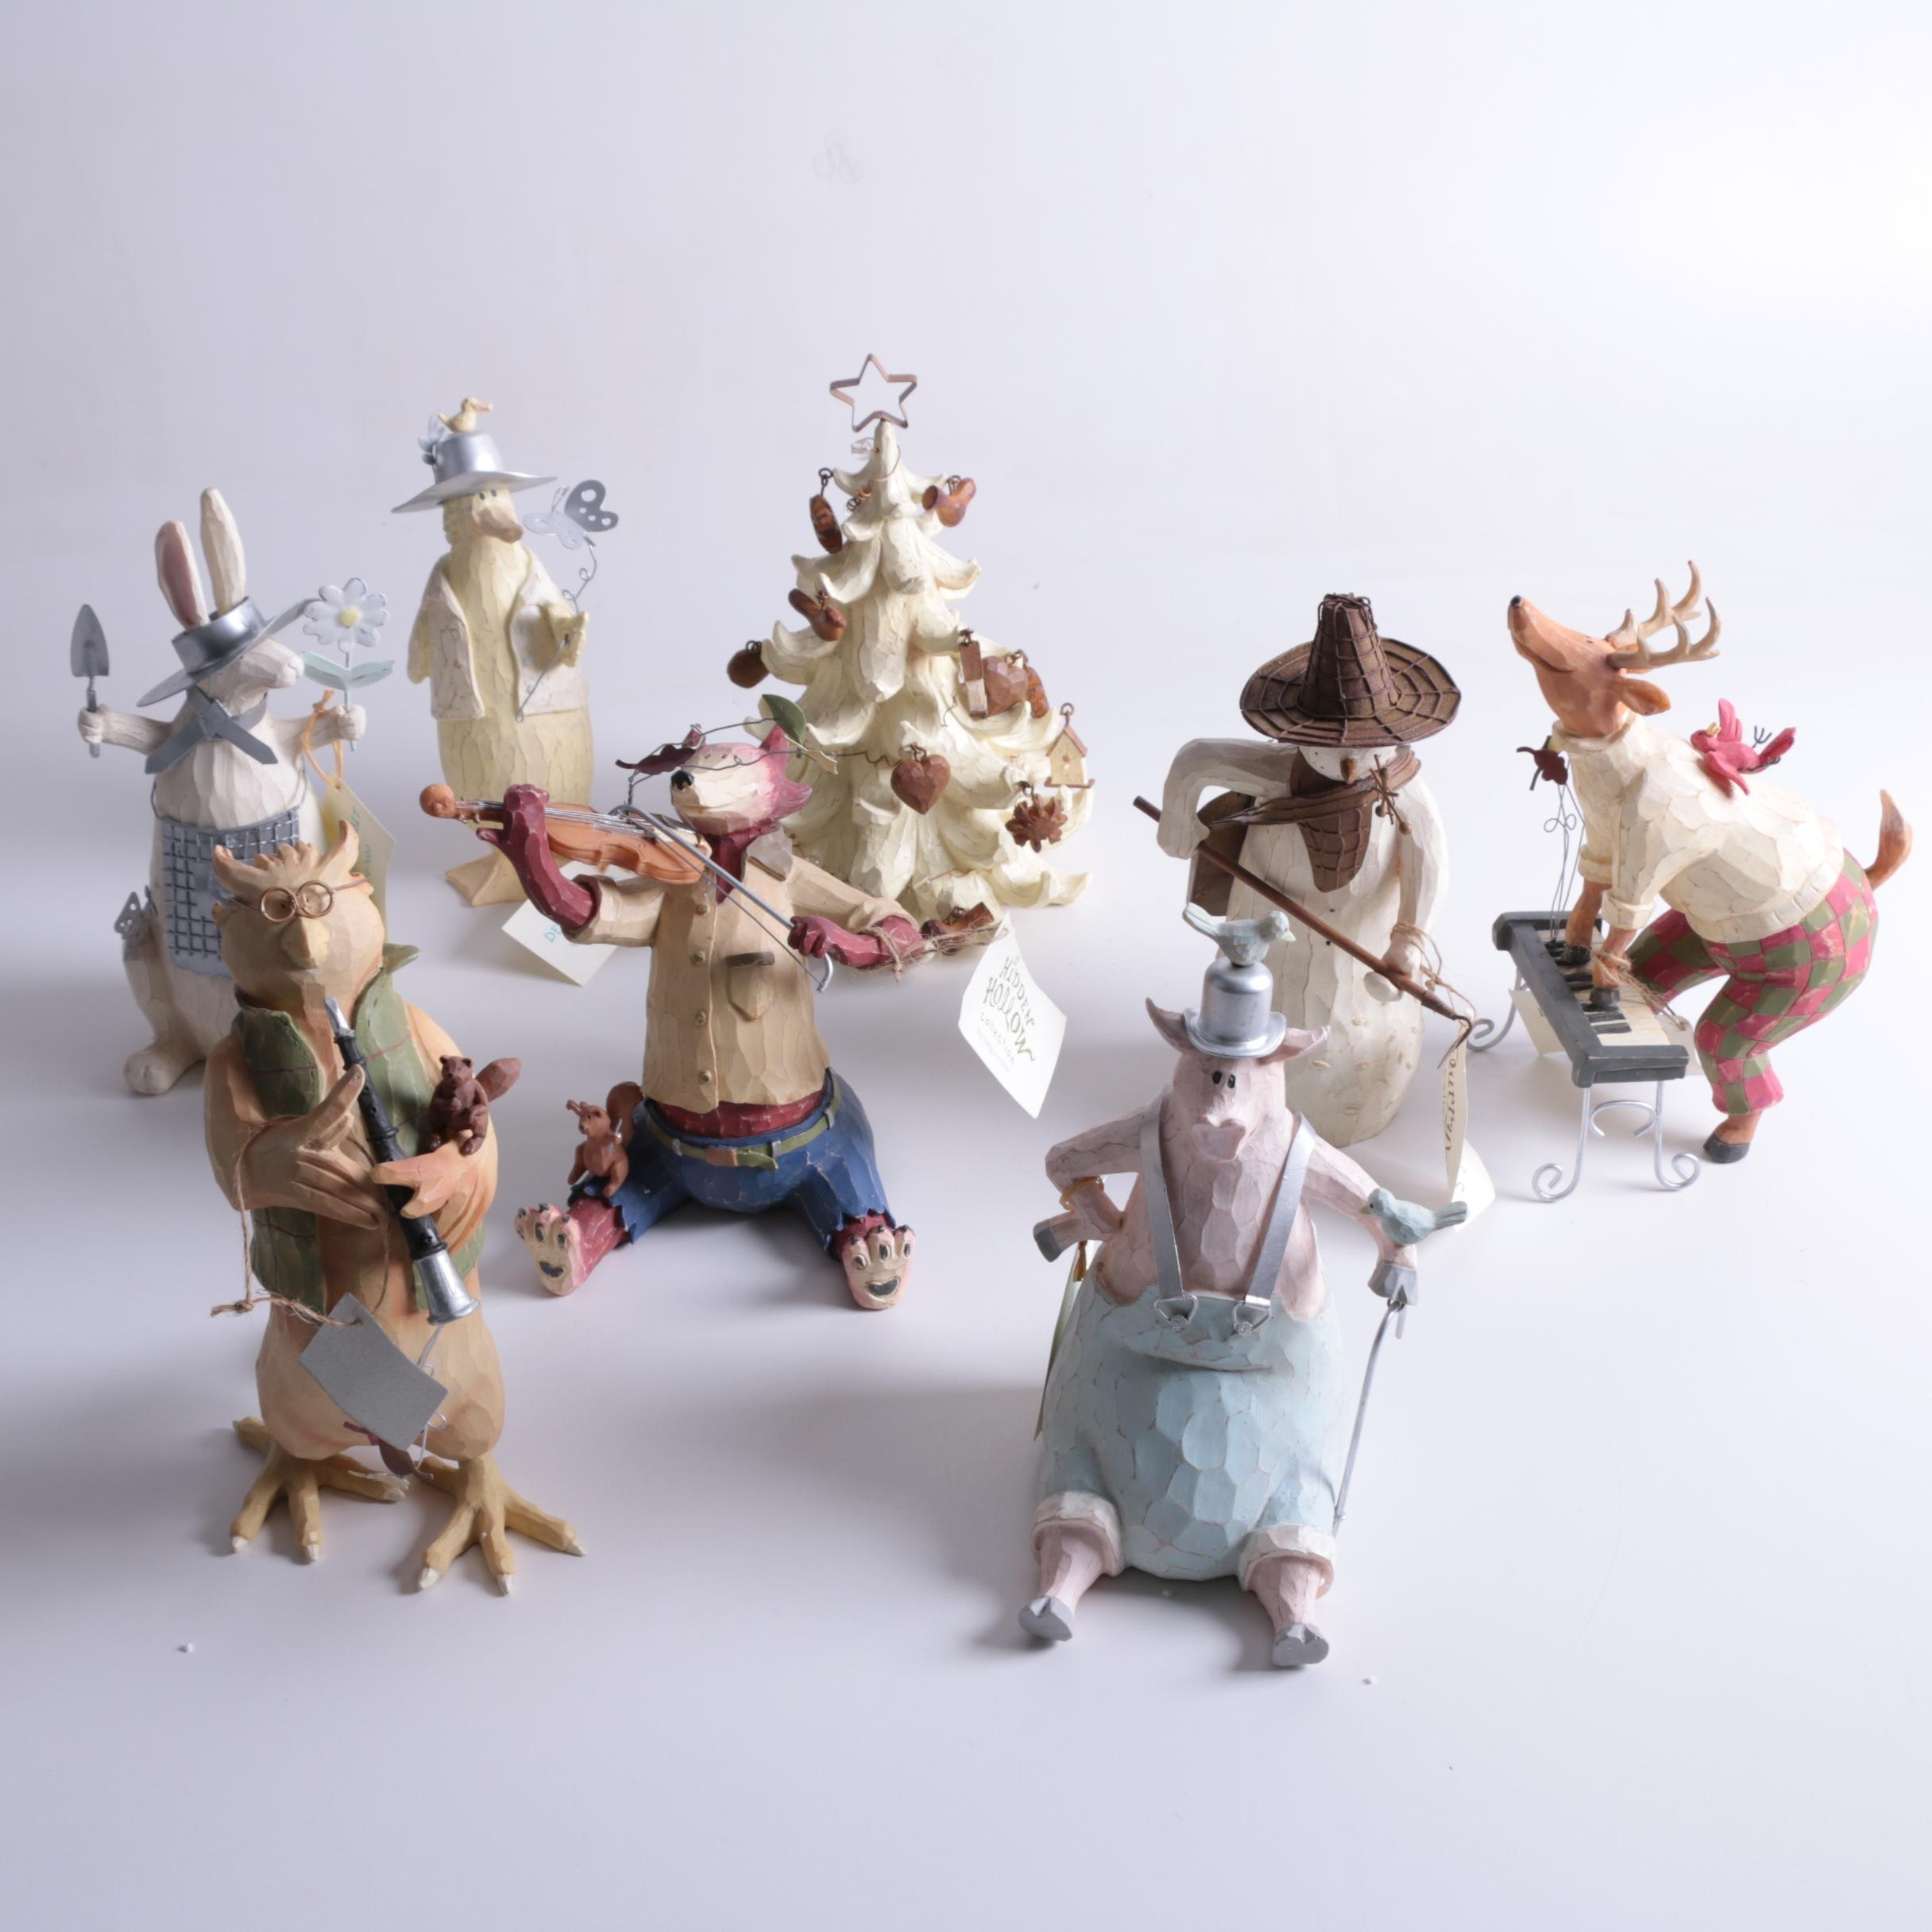 Hidden Hollow Resin Figurines